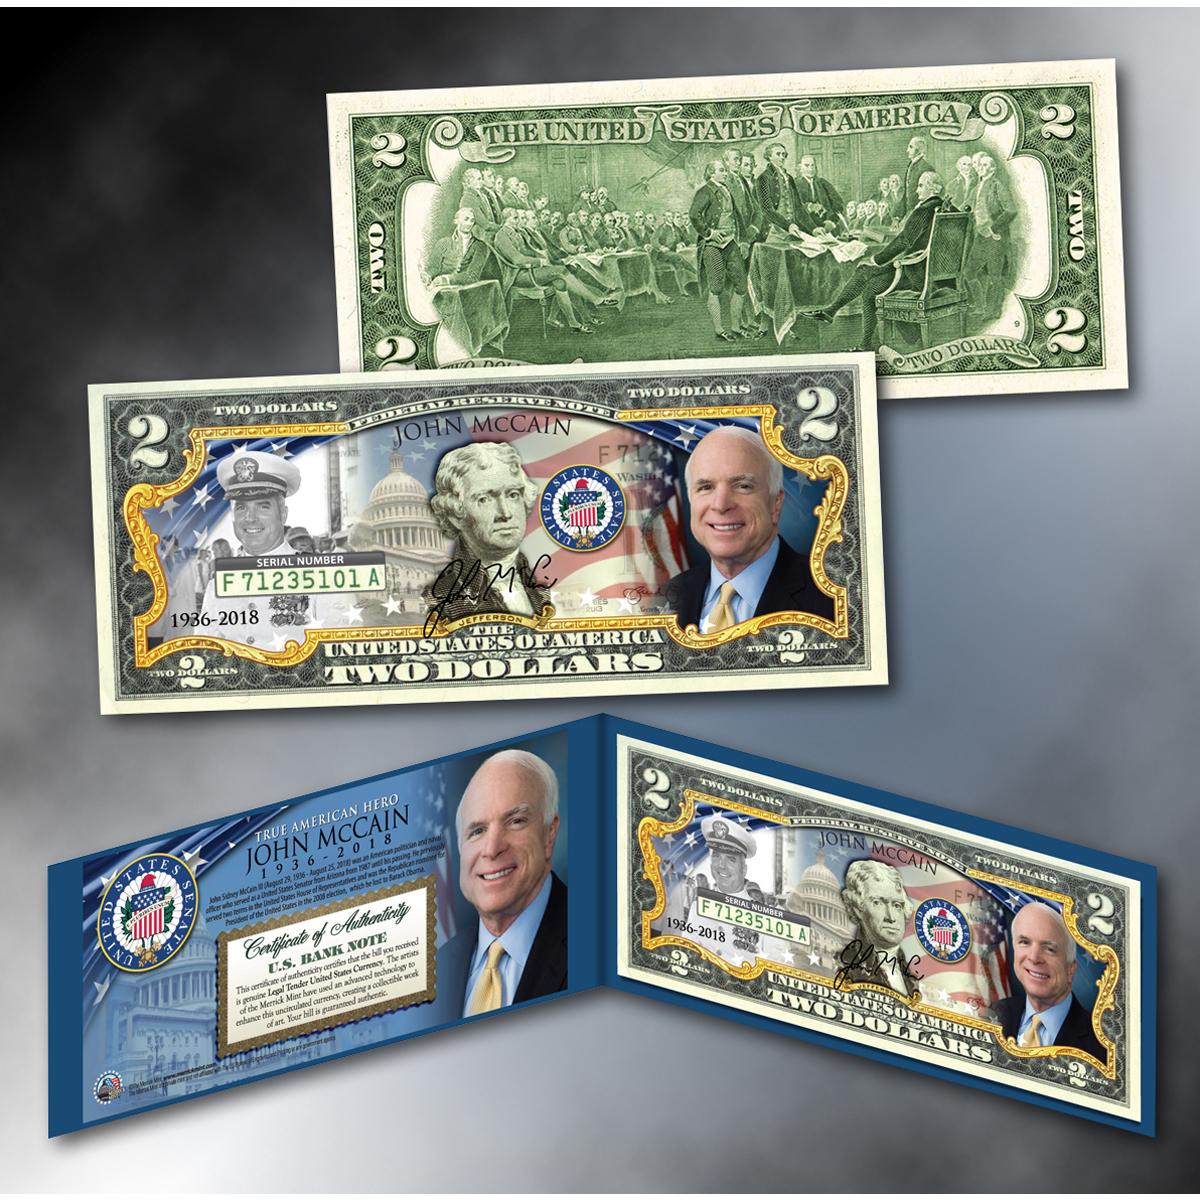 John McCain Colorized $2 Bill